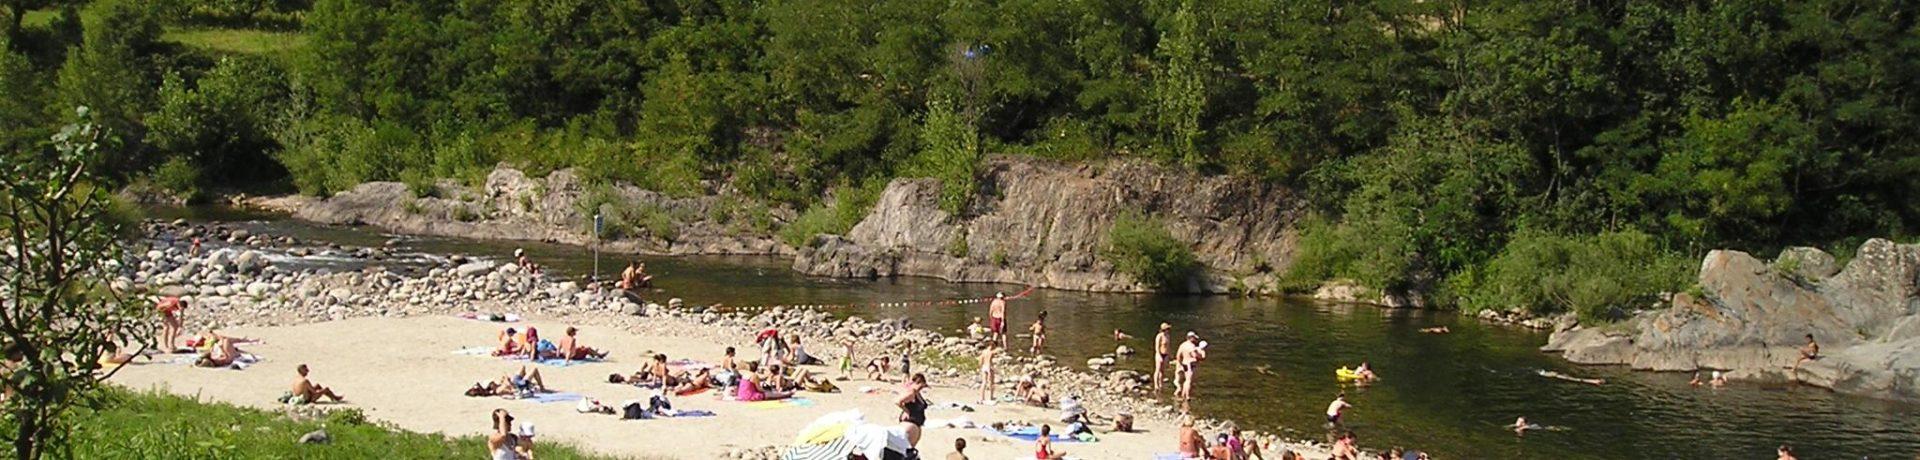 Camping Le Pont Des Issoux Lalevade-d'Ardèche is een familiecamping gelegen aan de rivier de Ardèche in het gelijknamige departement in Auvergne-Rhône-Alpes.